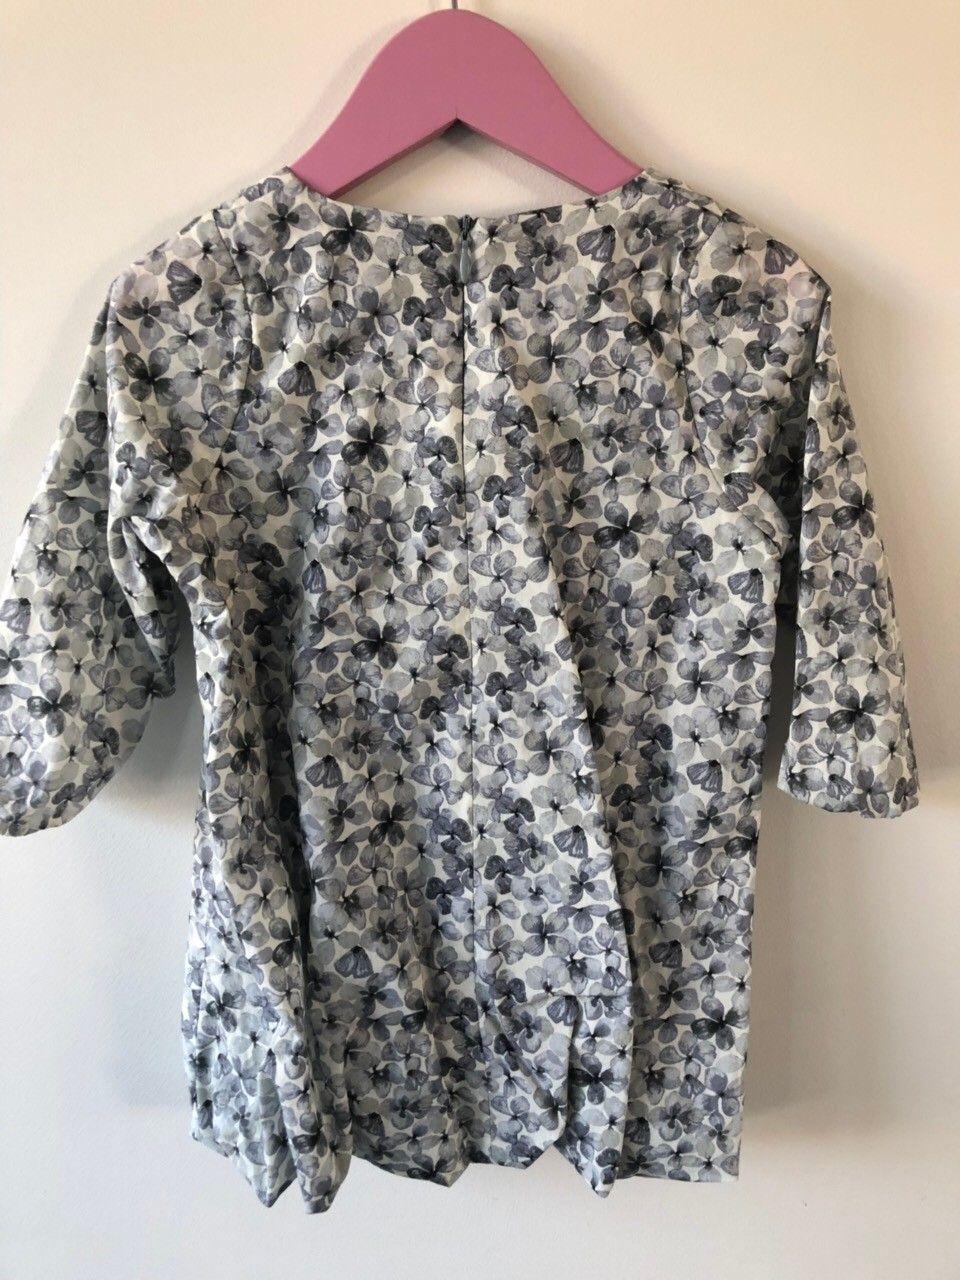 2b460842 Christina Rohde kjole str 2 år. Lekkert blomstrete stoff i fine blågrå  farger. Med grått for. Rynkete nede med strikk. Kr 250 (1/18)